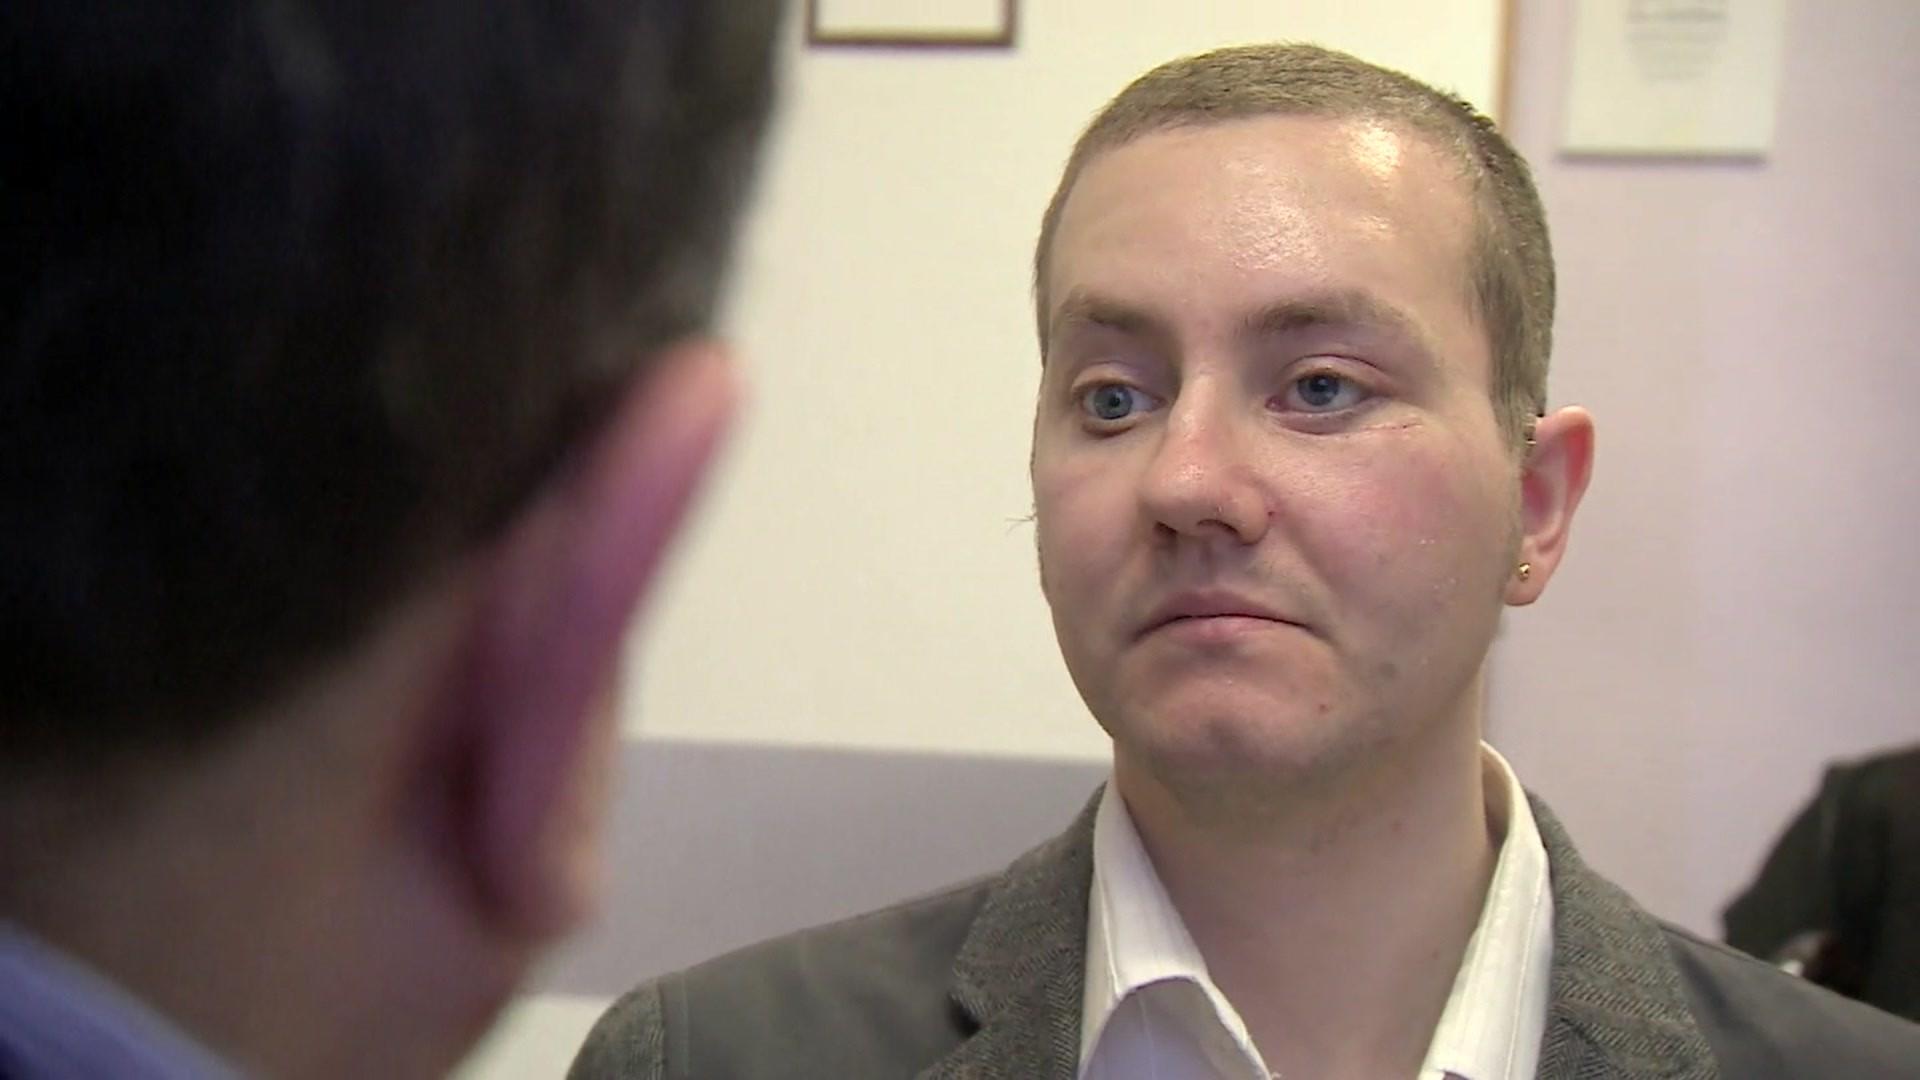 Stephen Power, 29 anos, ficou com rosto desfigurado após acidente com motocicleta. A cirurgia de reconstrução da face contou com implantes feitos em impressoras 3D (Foto: Reprodução/BBC)